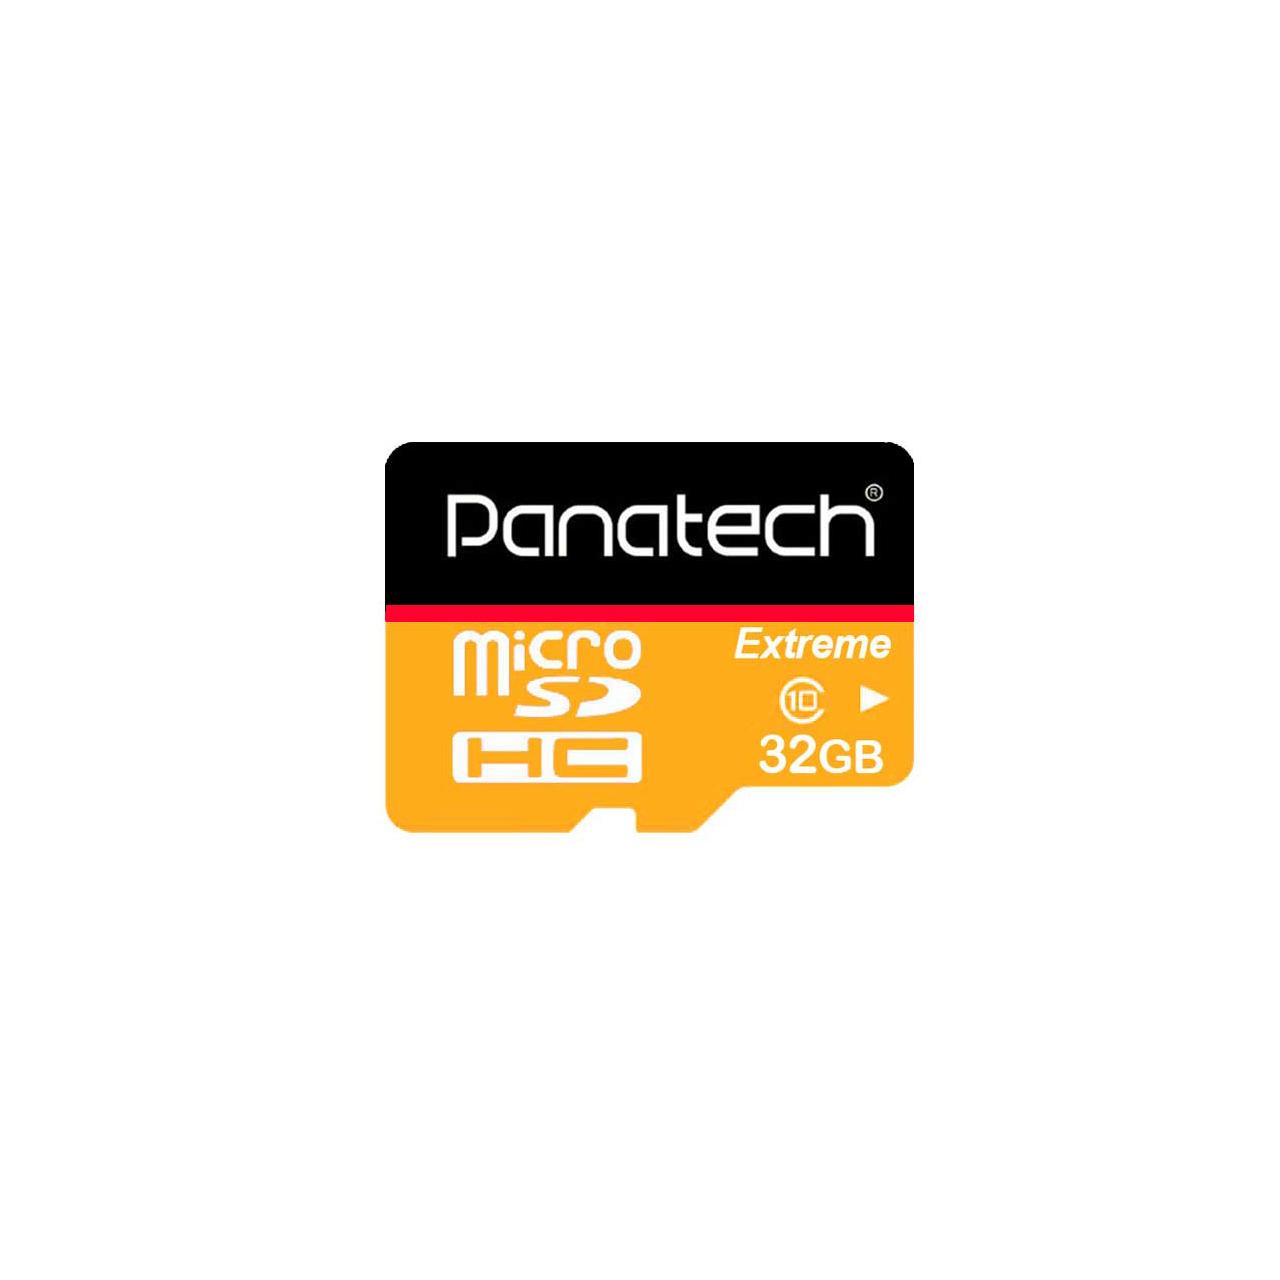 کارت حافظه microSDXC پاناتک مدل Extreme کلاس 10 استاندارد UHS-I U1 سرعت 30MBps ظرفیت 32 گیگابایت